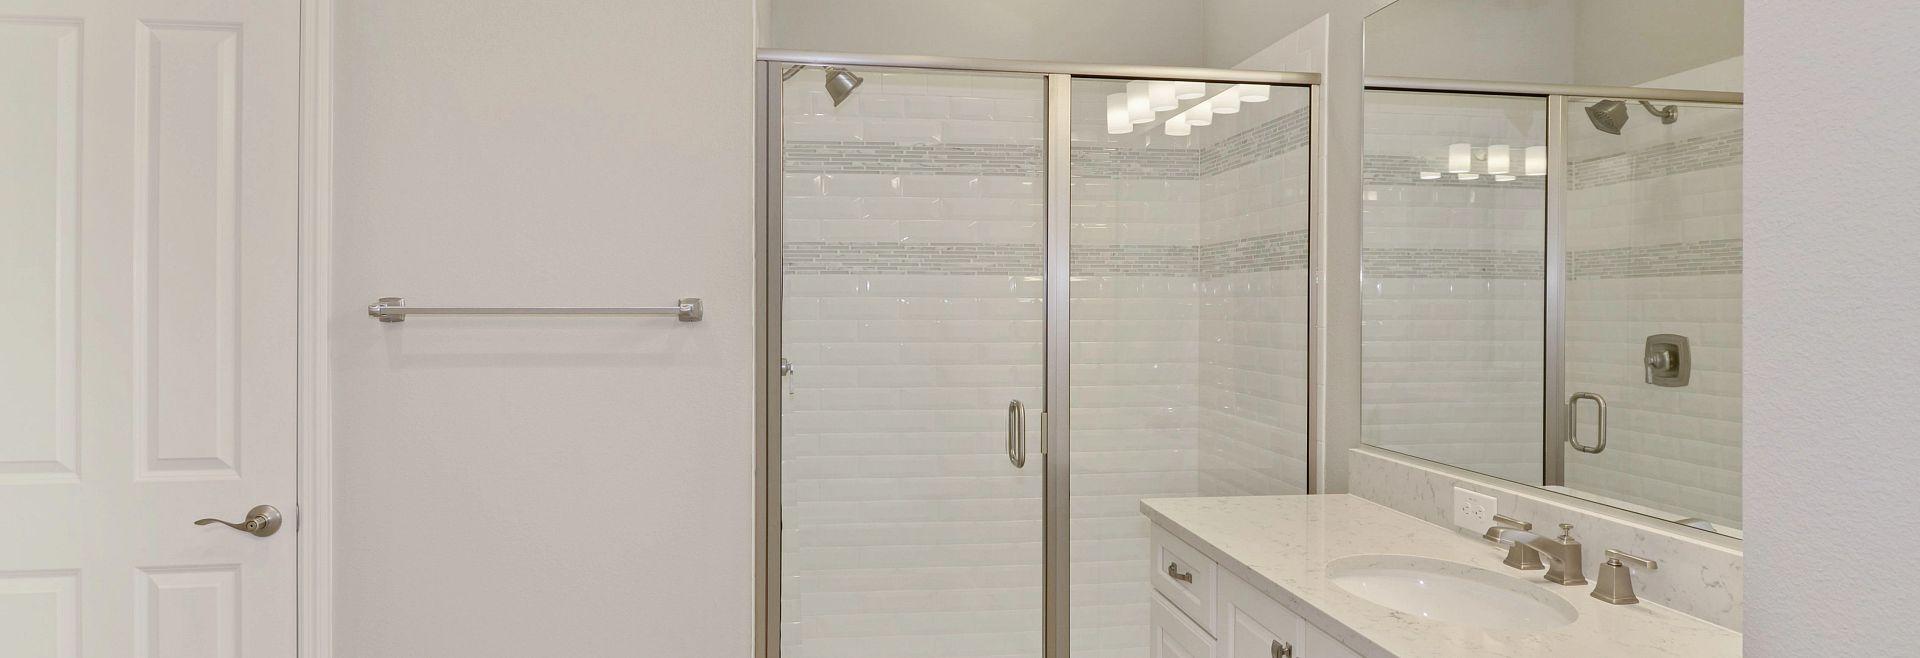 Trilogy at Ocala Preserve Quick Move In Declare Master Bath